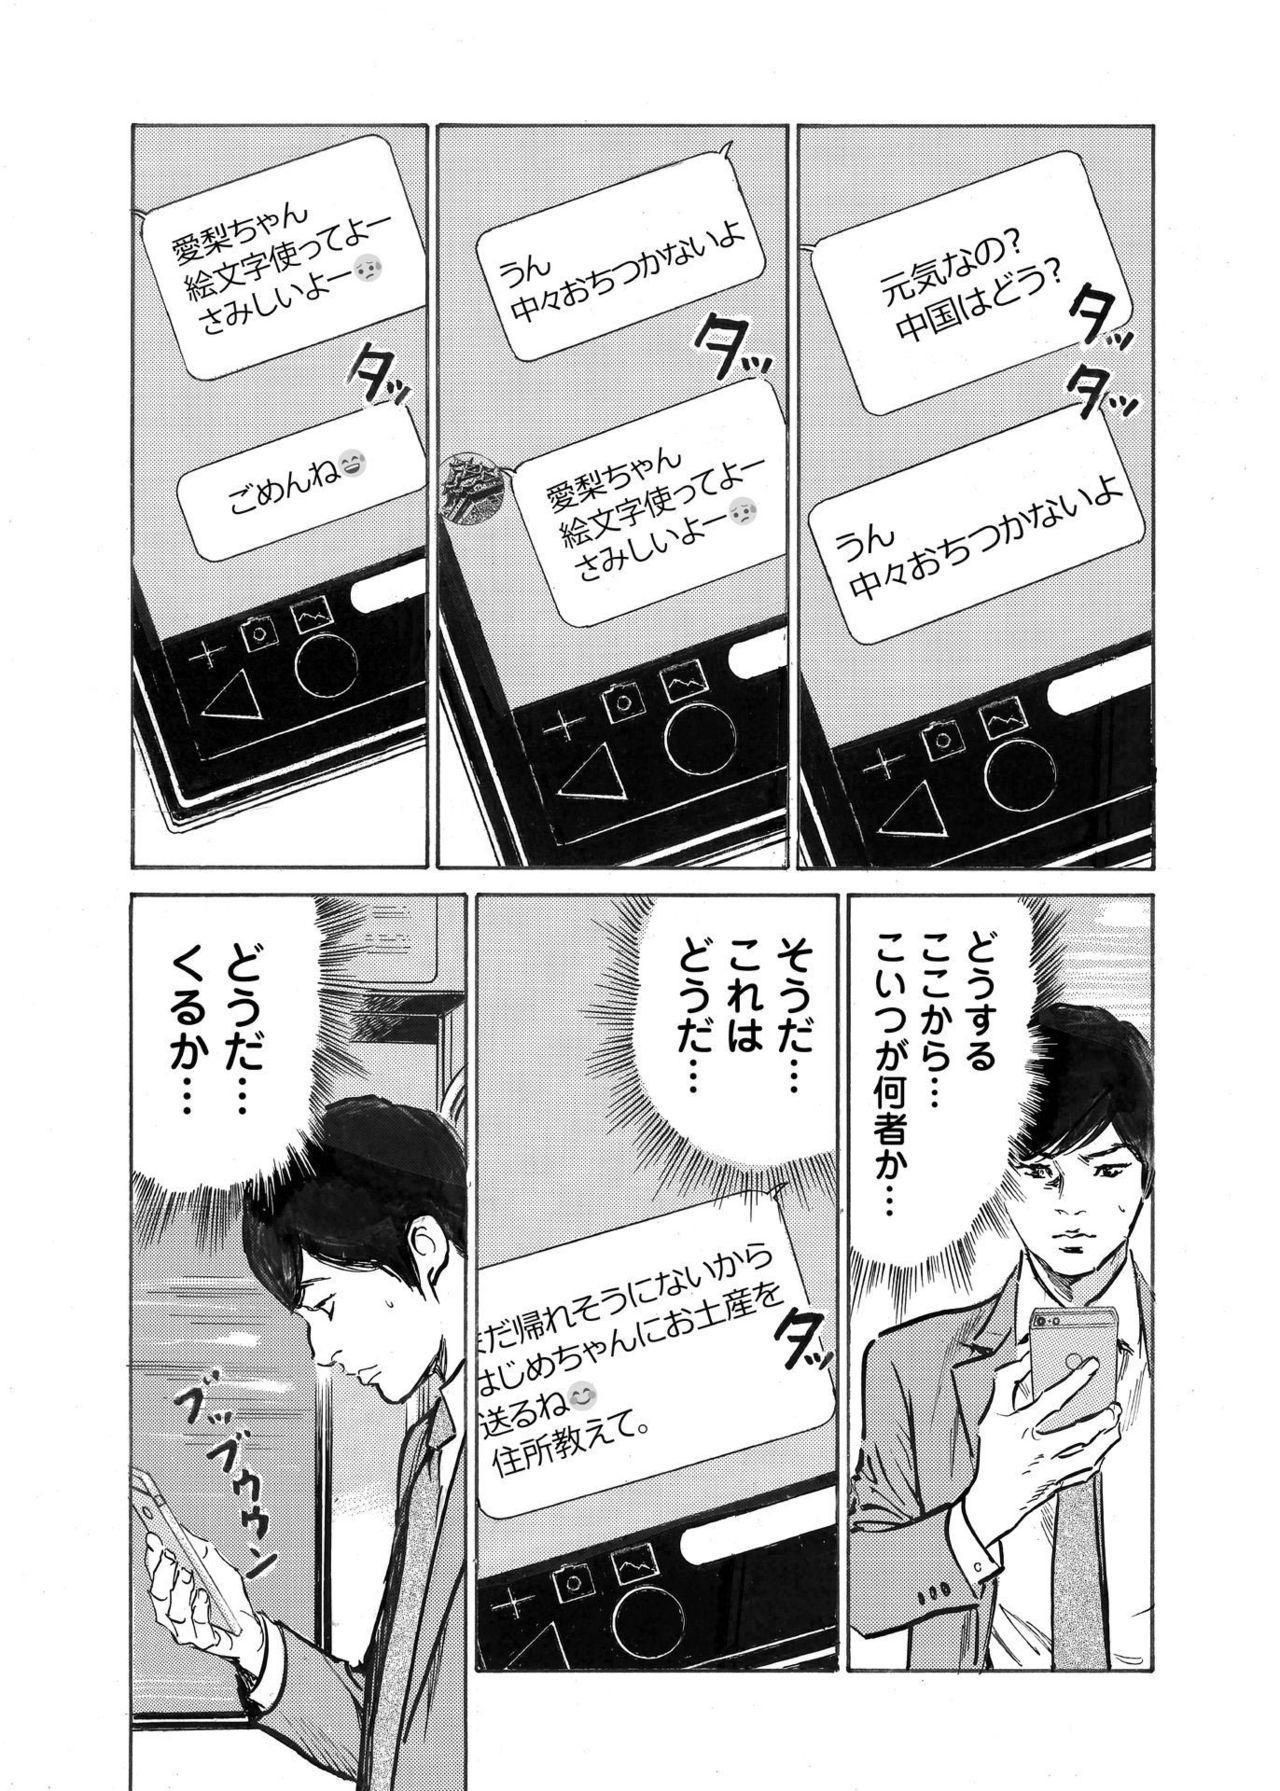 Ore wa Tsuma no Koto o Yoku Shiranai 1-9 240